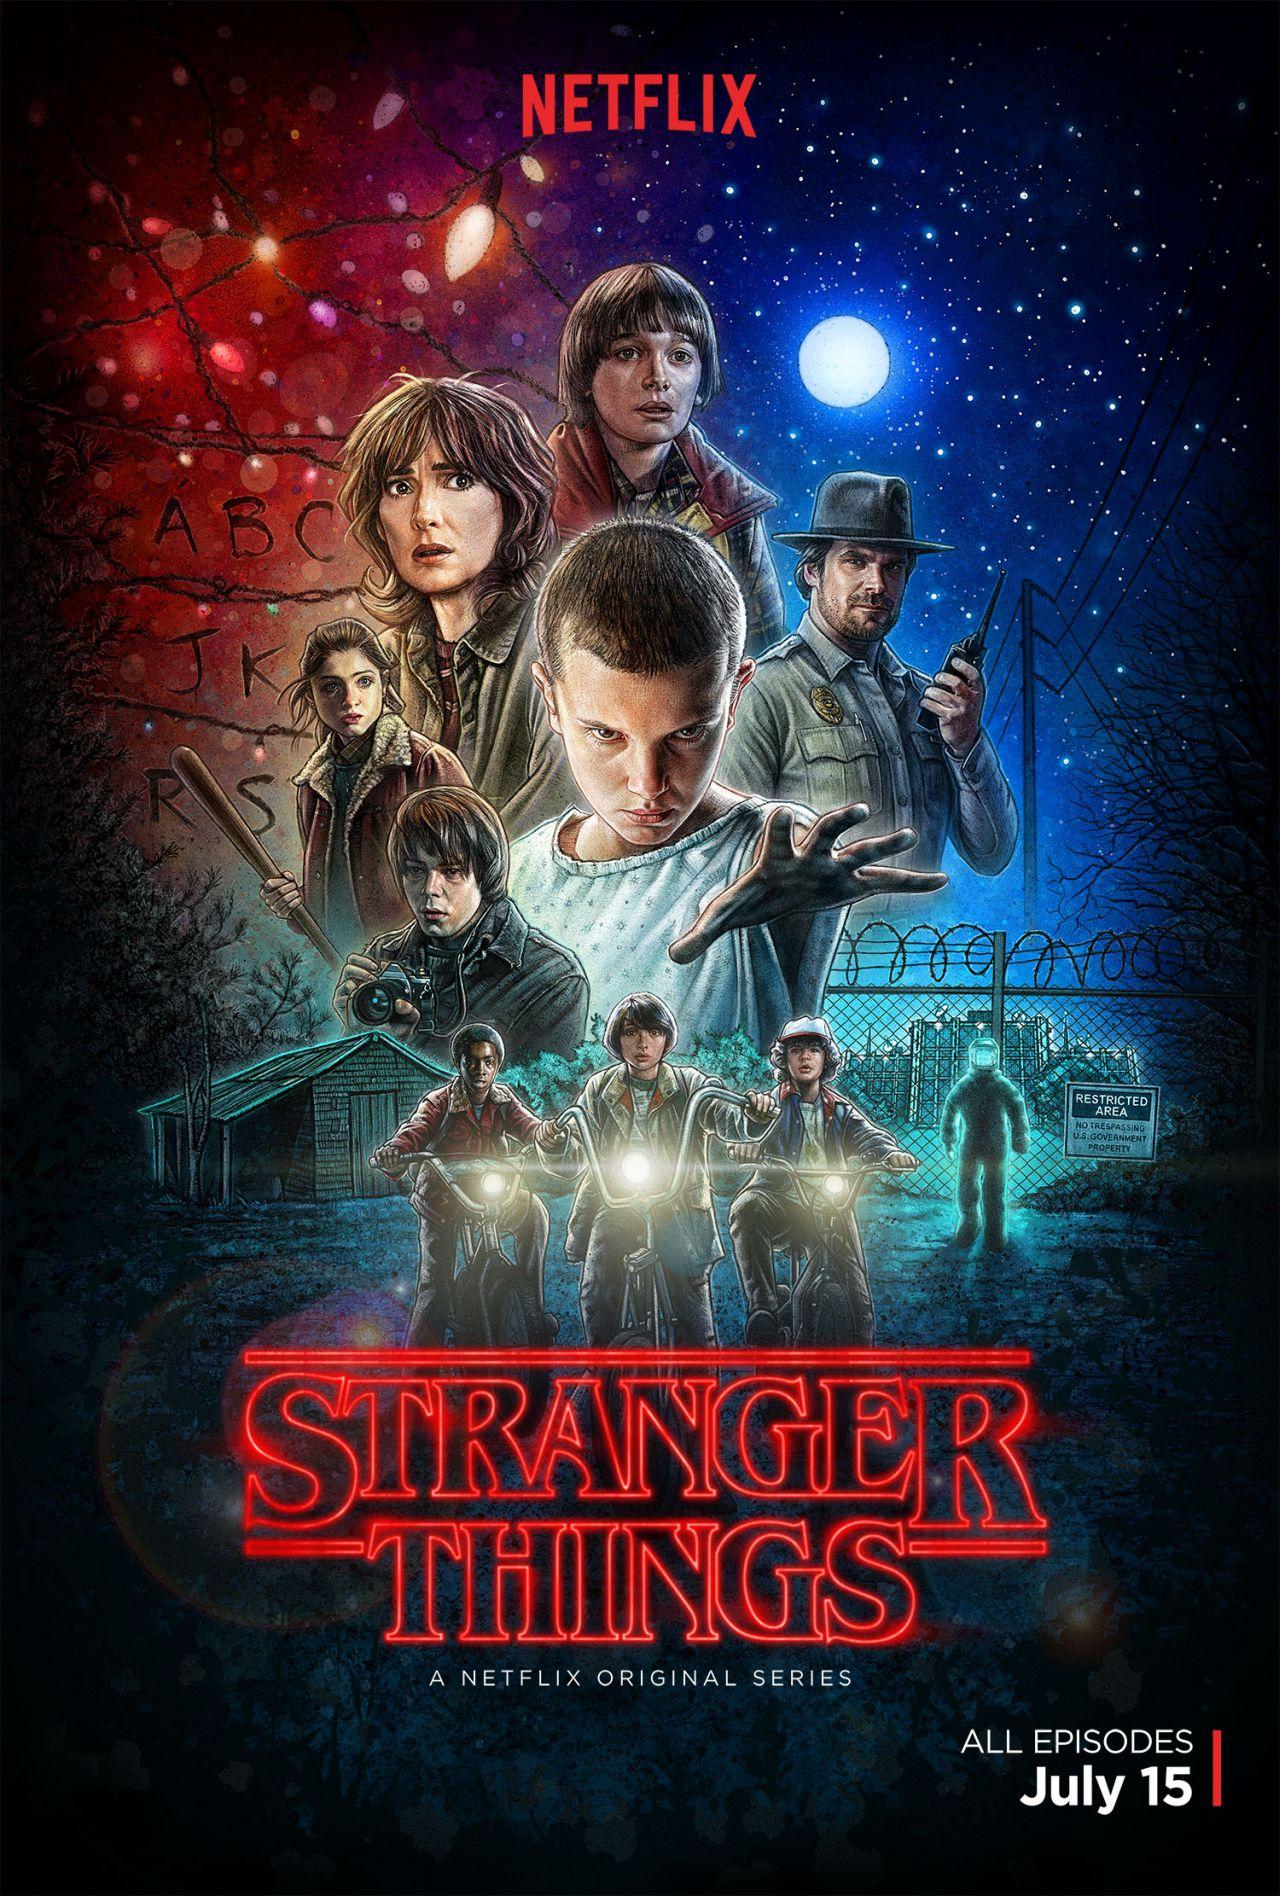 The Stranger Things